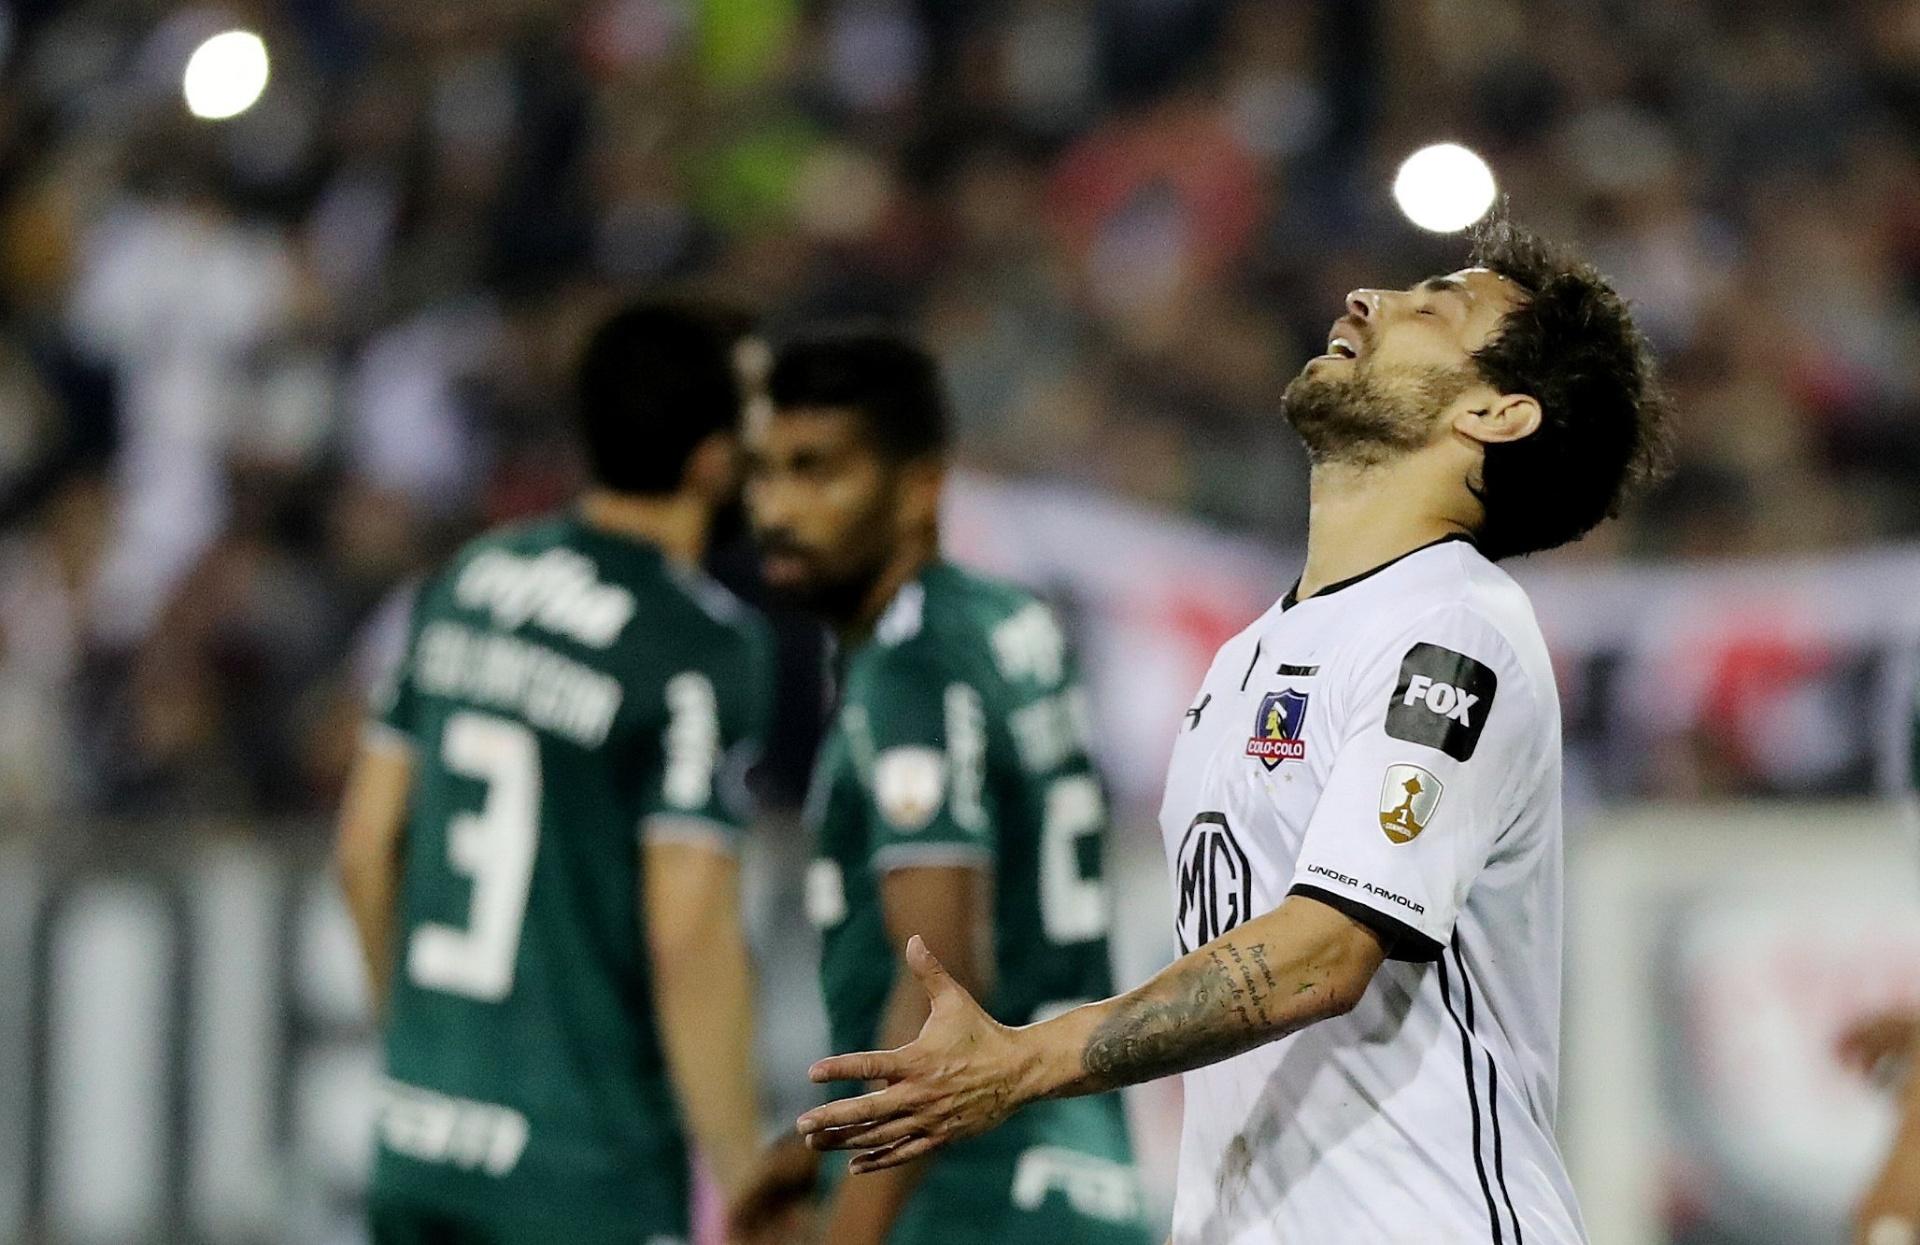 8b0a09eeac2 Valdivia declara torcida por Palmeiras na Libertadores e diz que voltaria -  04 10 2018 - UOL Esporte